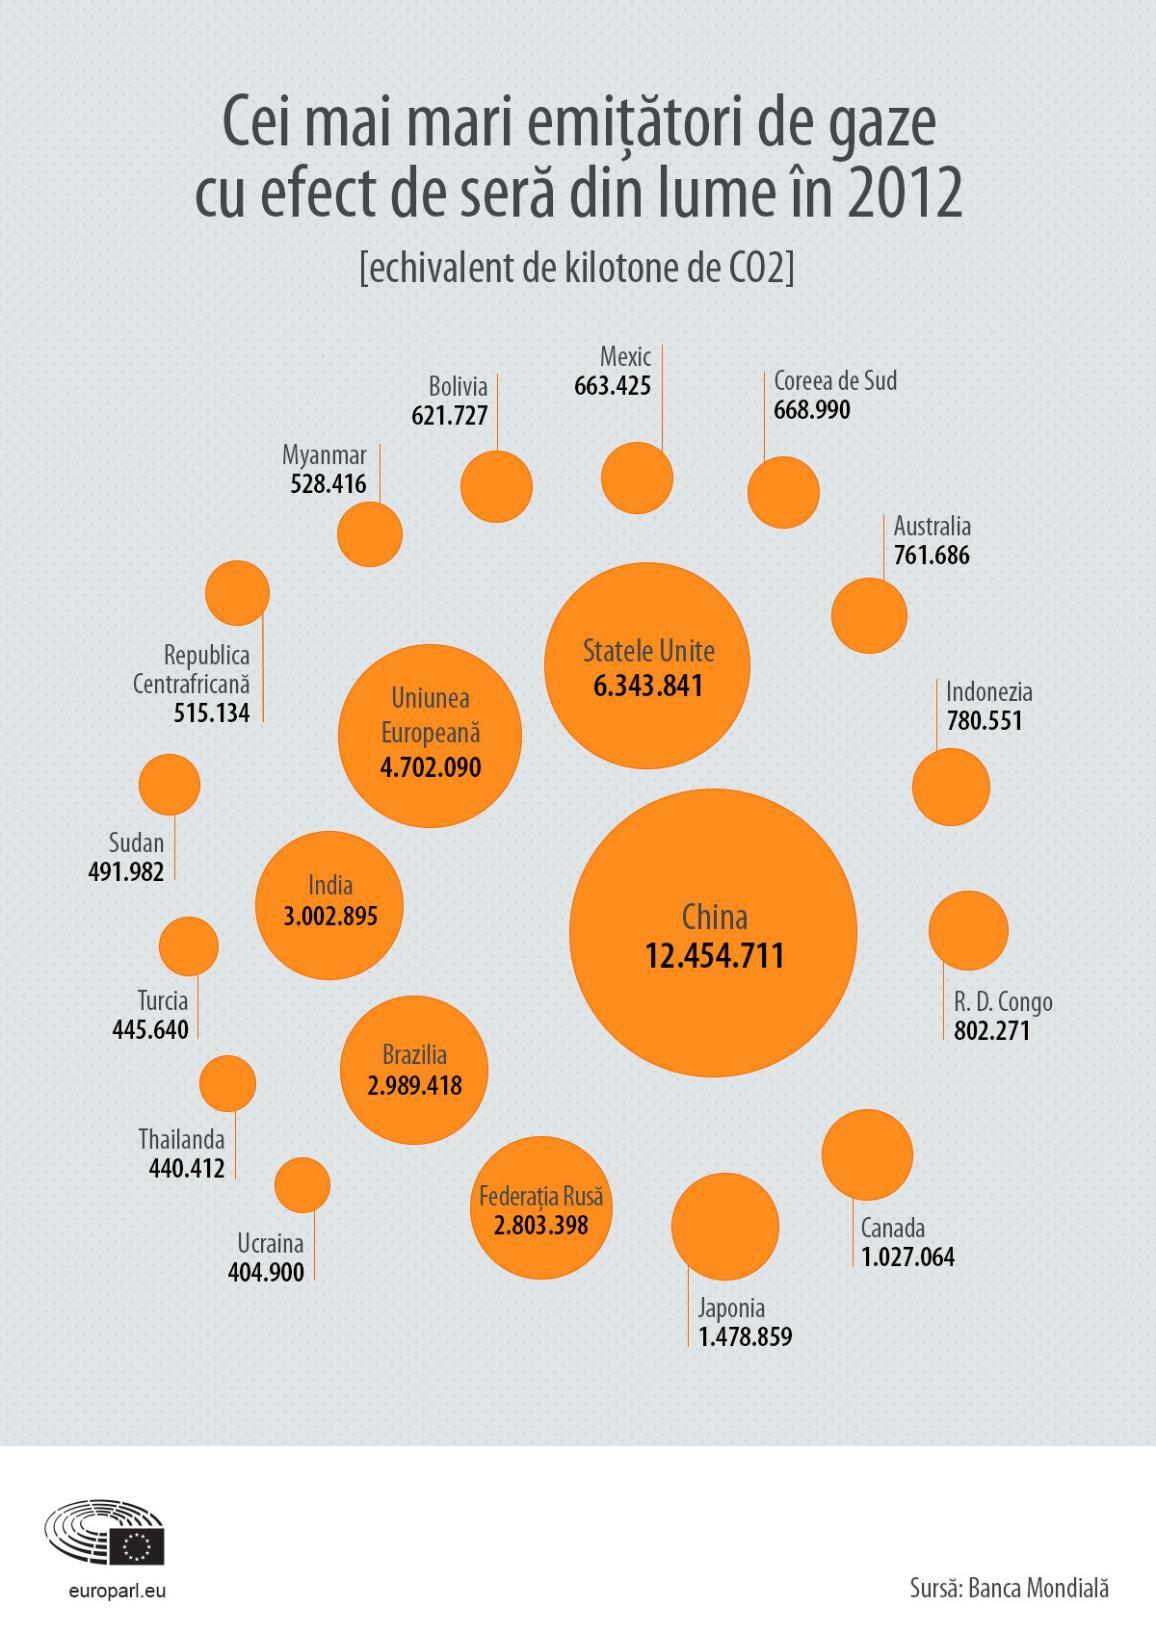 Infografic: țările care emit cele mai multe gaze cu efect de seră din lume (2012).